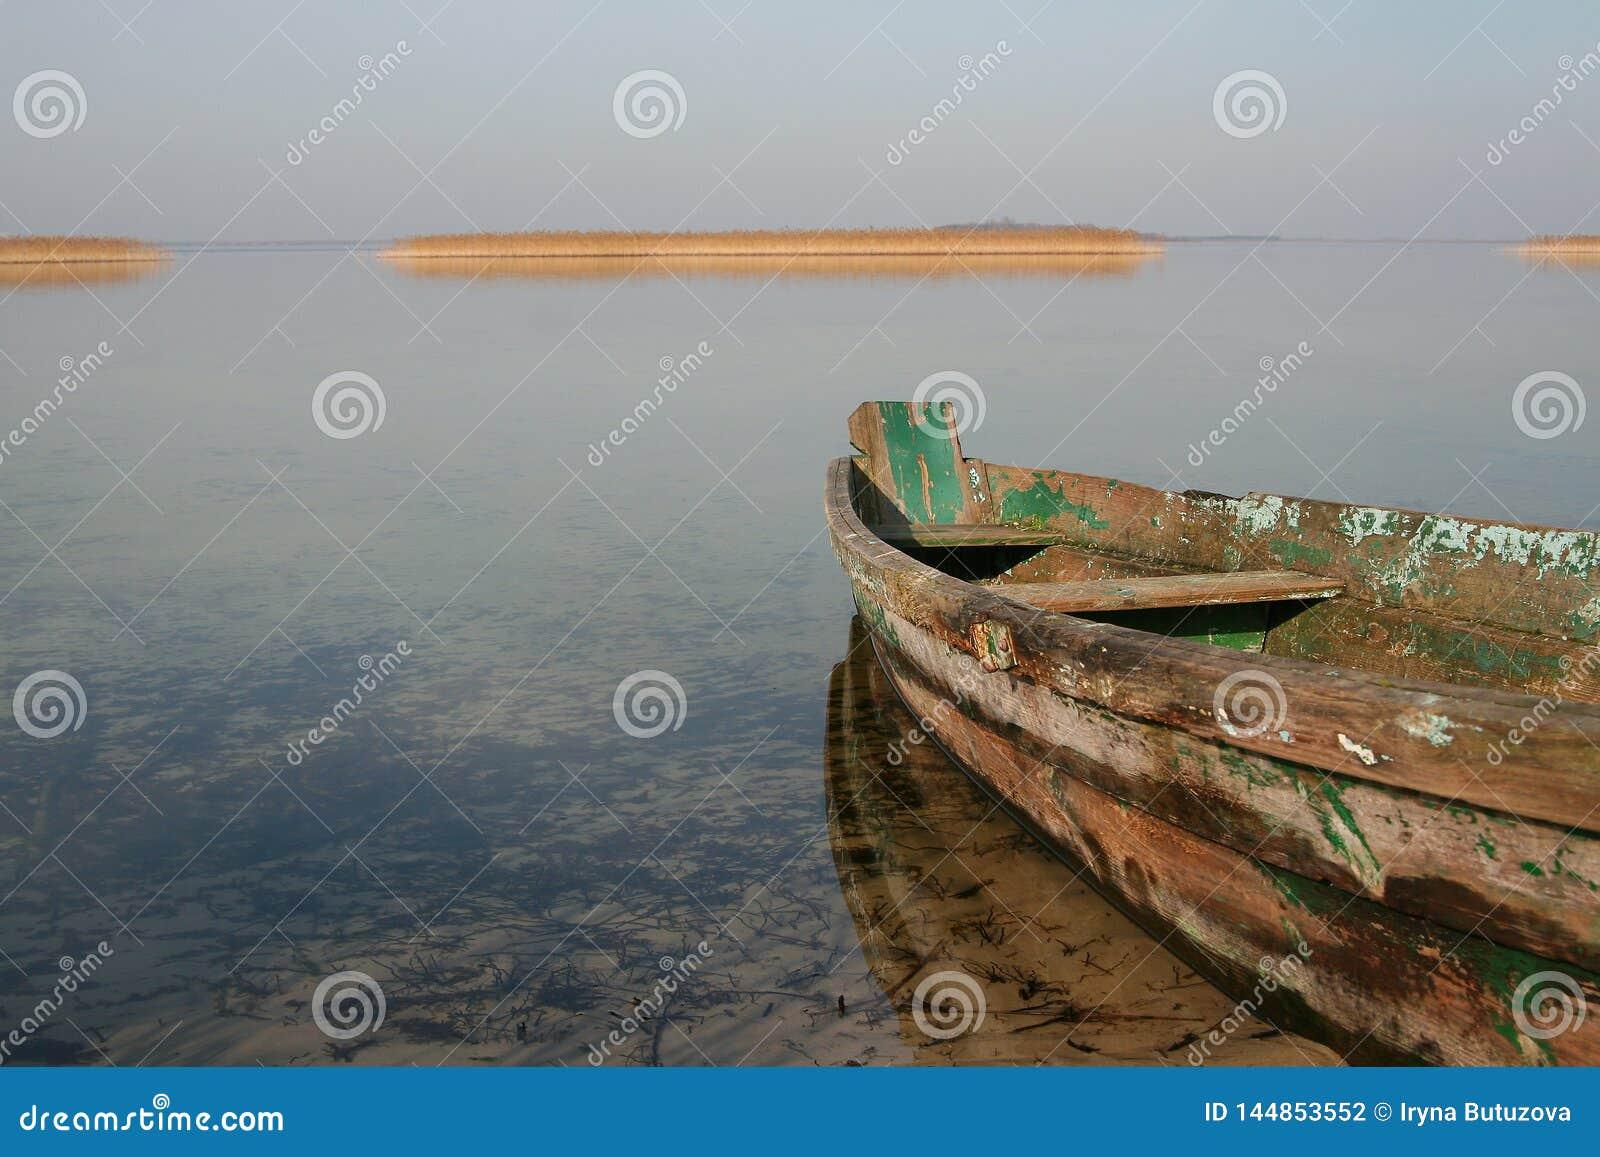 Старая деревянная шлюпка на чистой воде